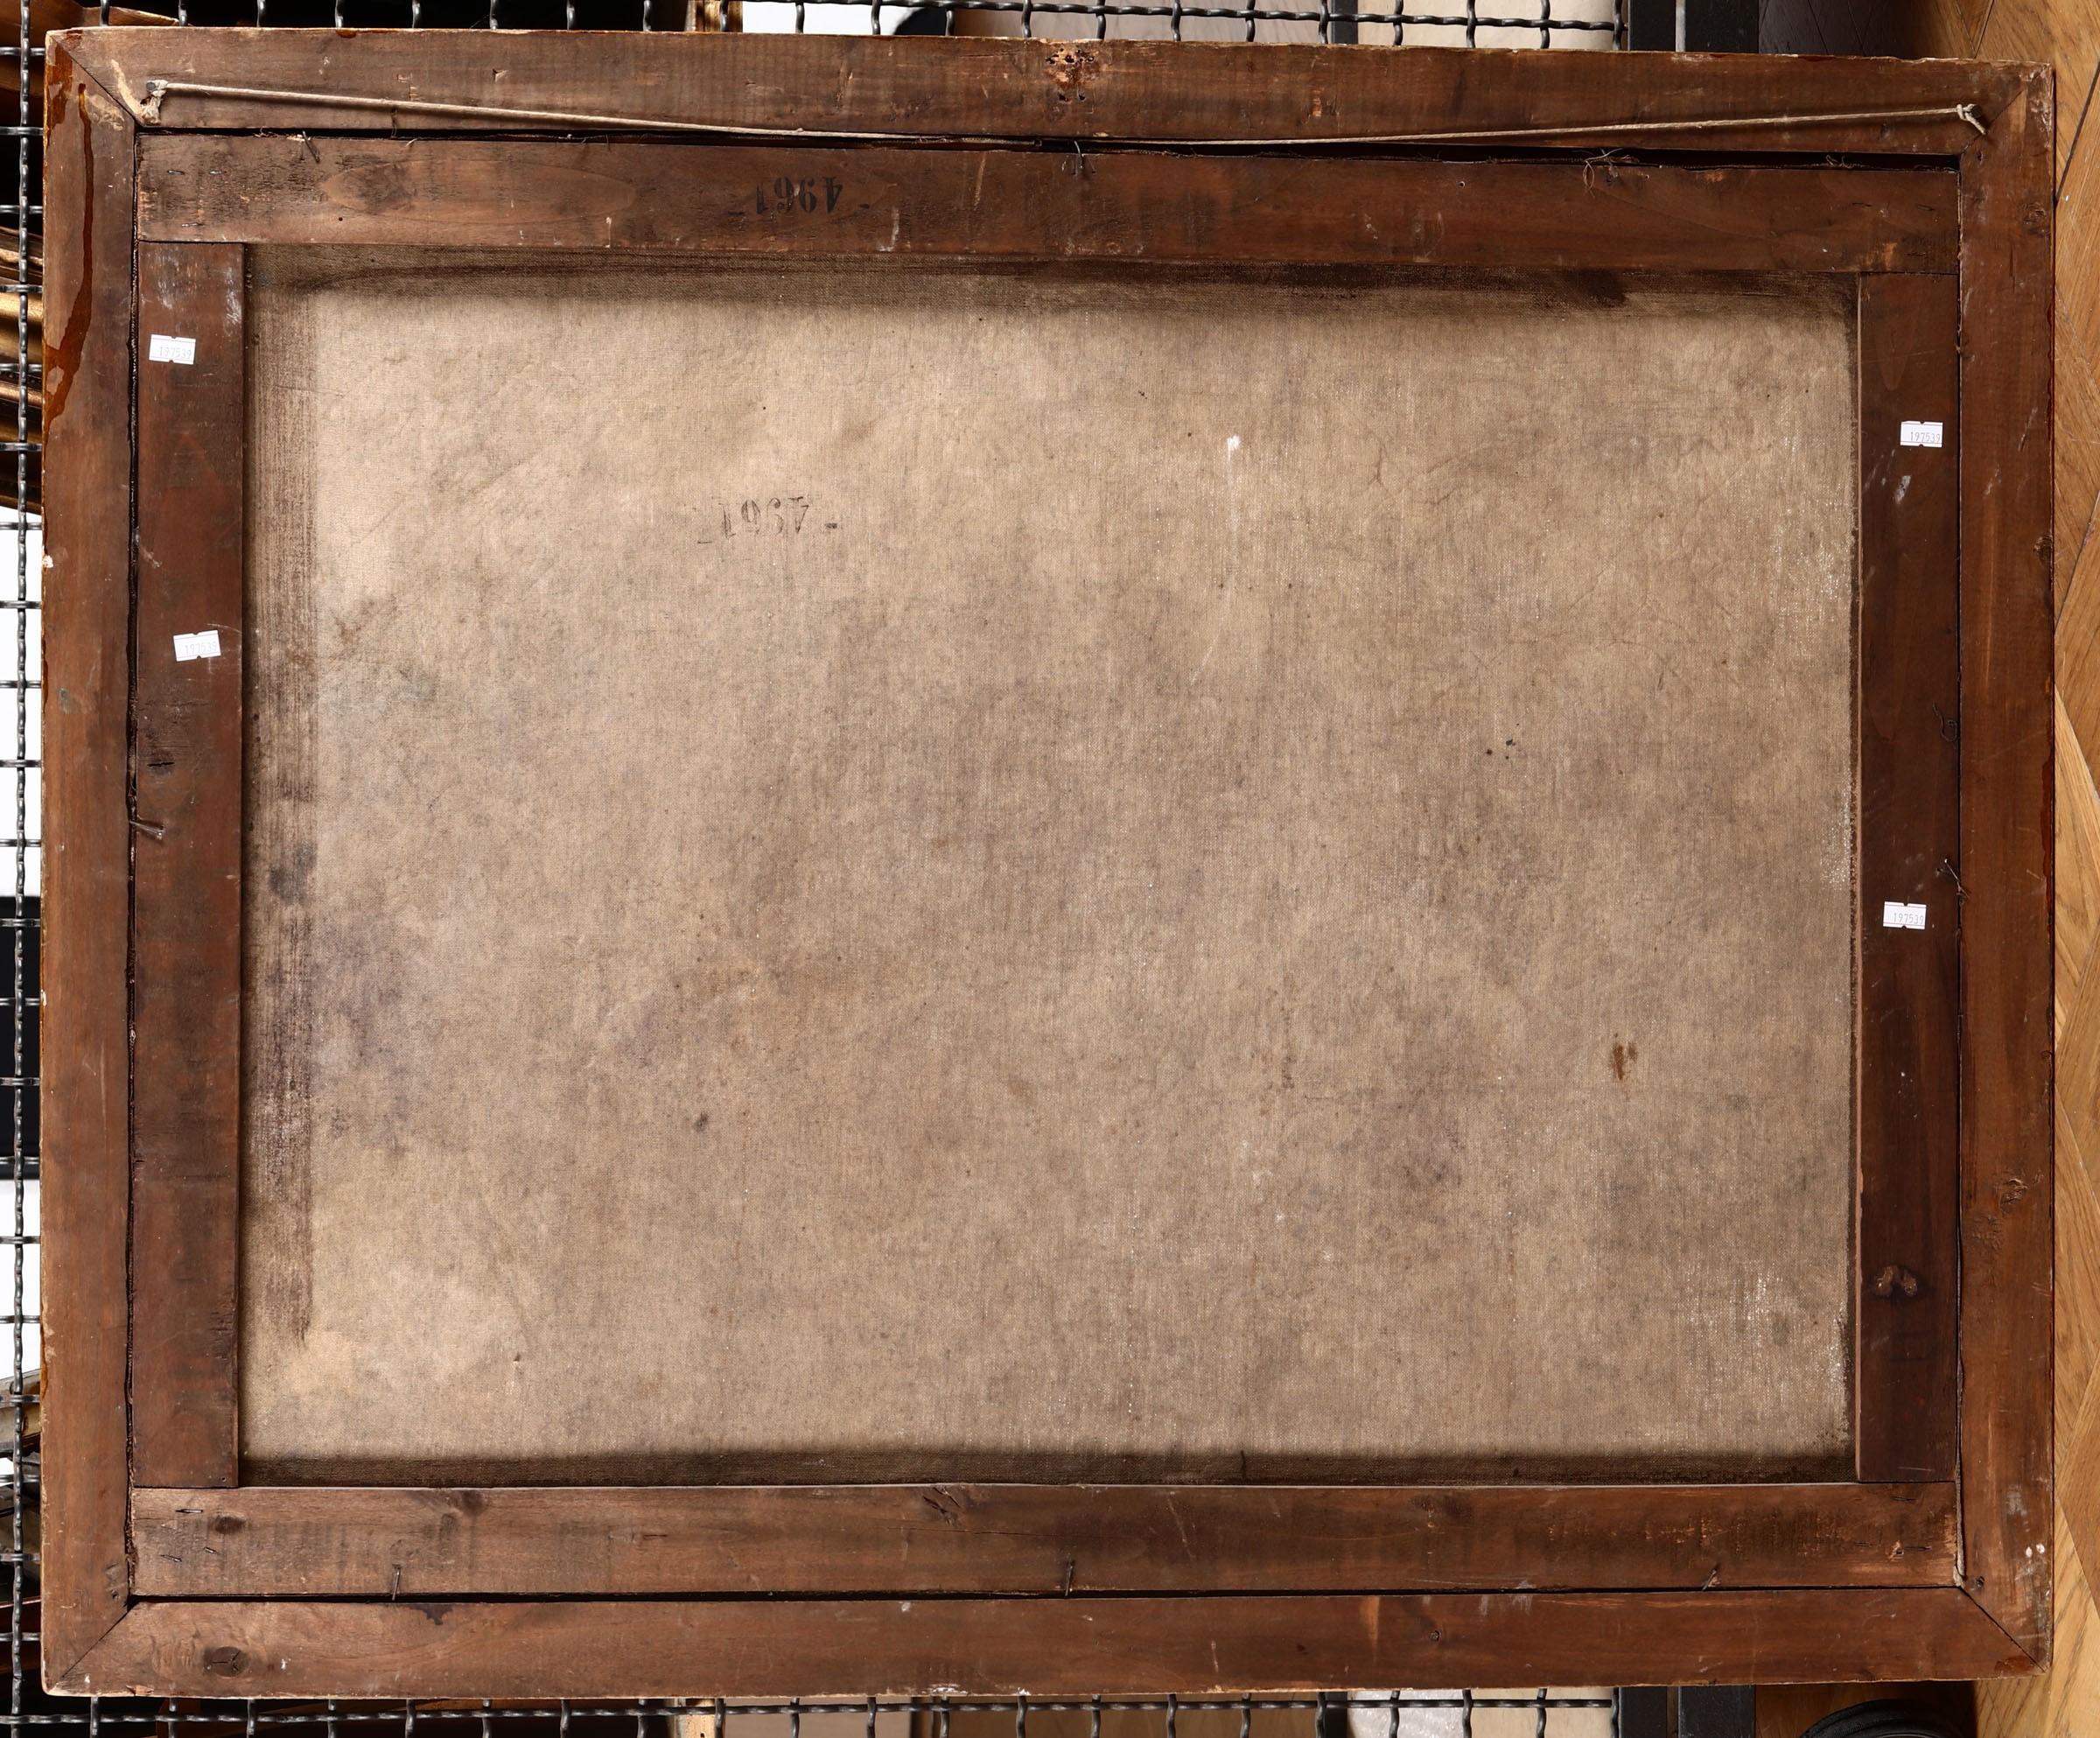 Scuola piemontese del XVIII secolo, Natura morta con vaso di fiori - coppia di [...] - Image 3 of 3